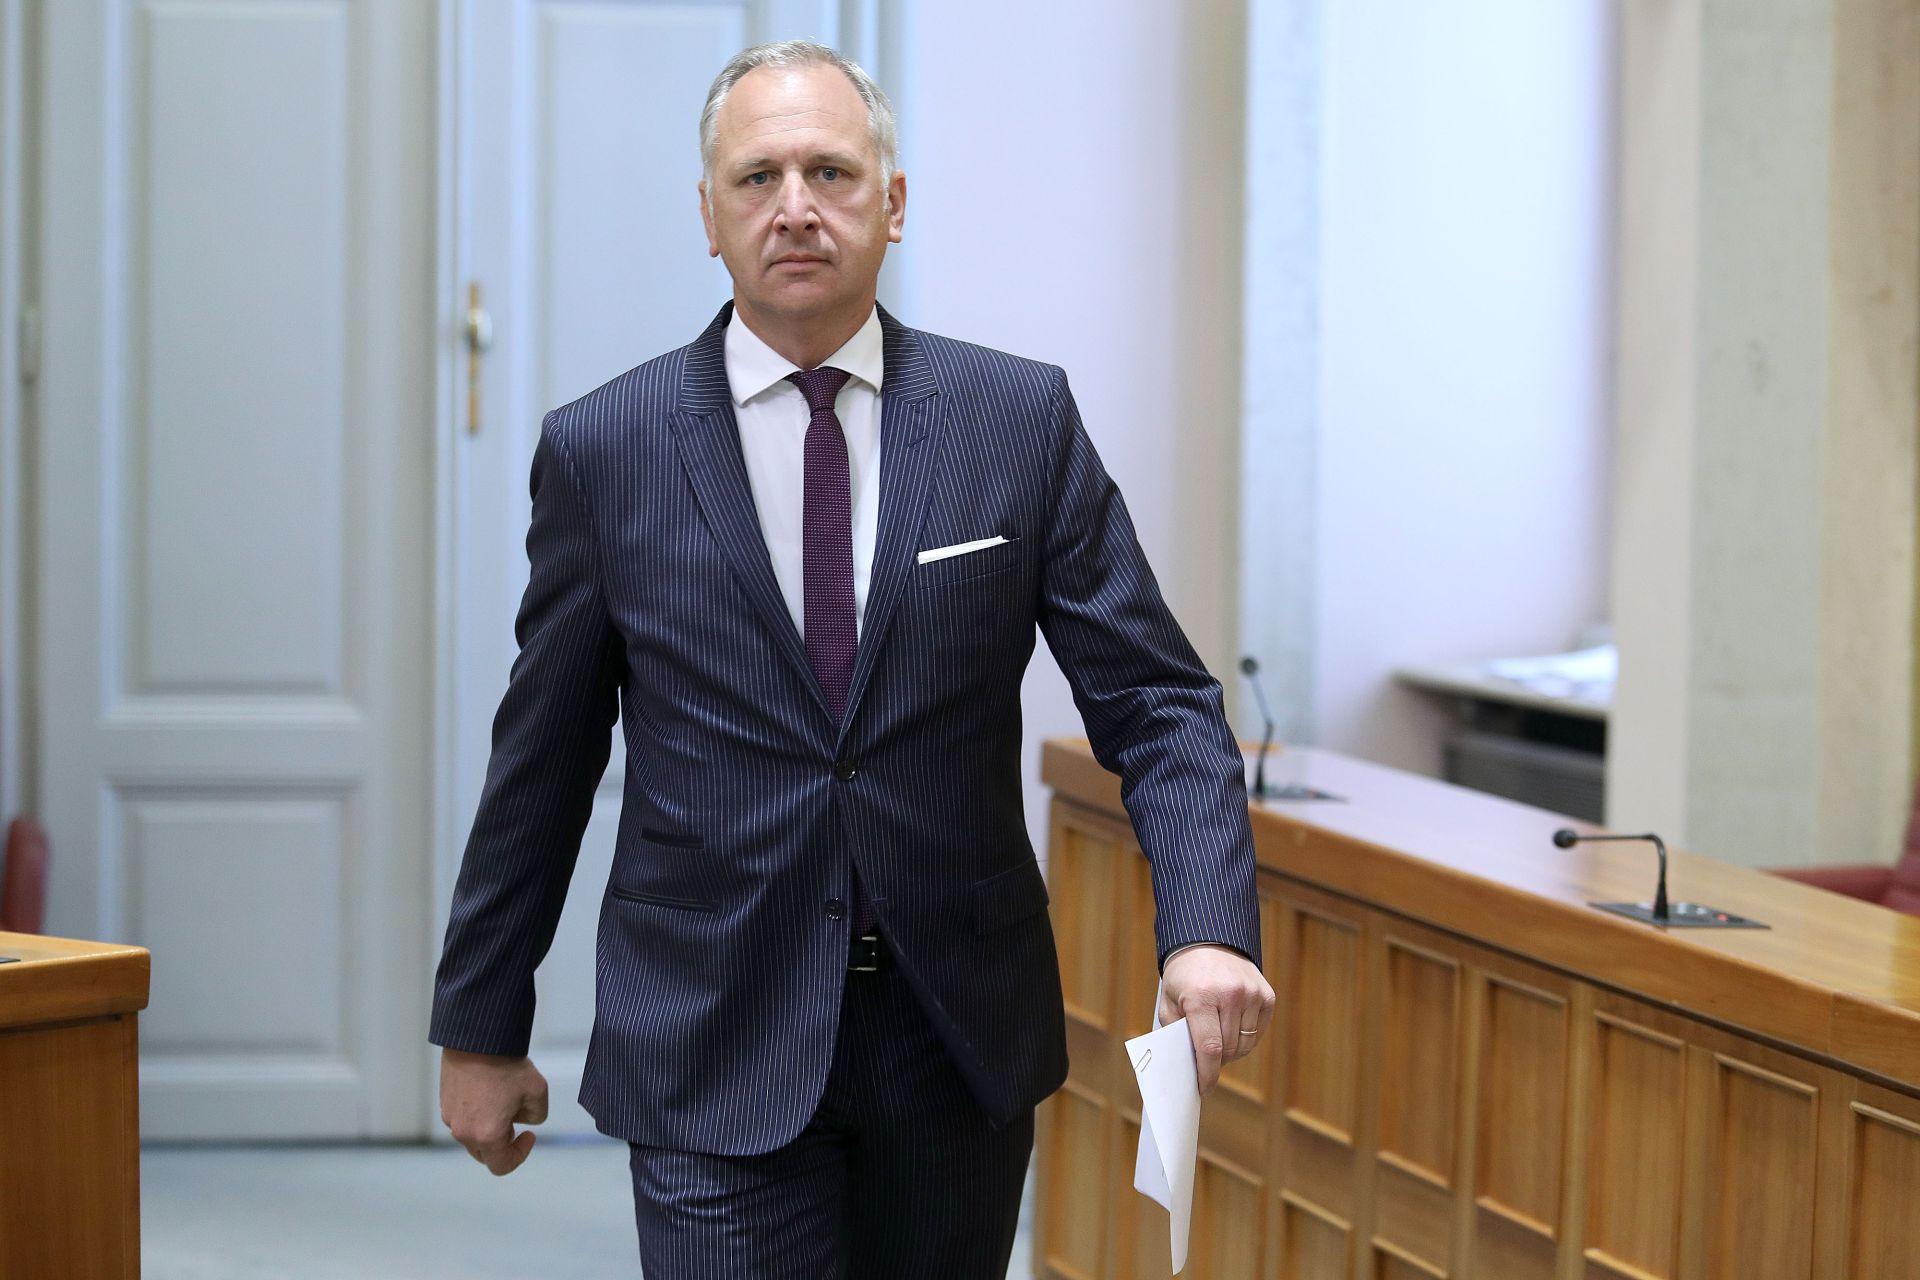 ISTRAŽIVANJE POKAZALO: Troje kandidata za gradonačelnika Splita u tijesnoj utrci, Baldasaru ocjena 2